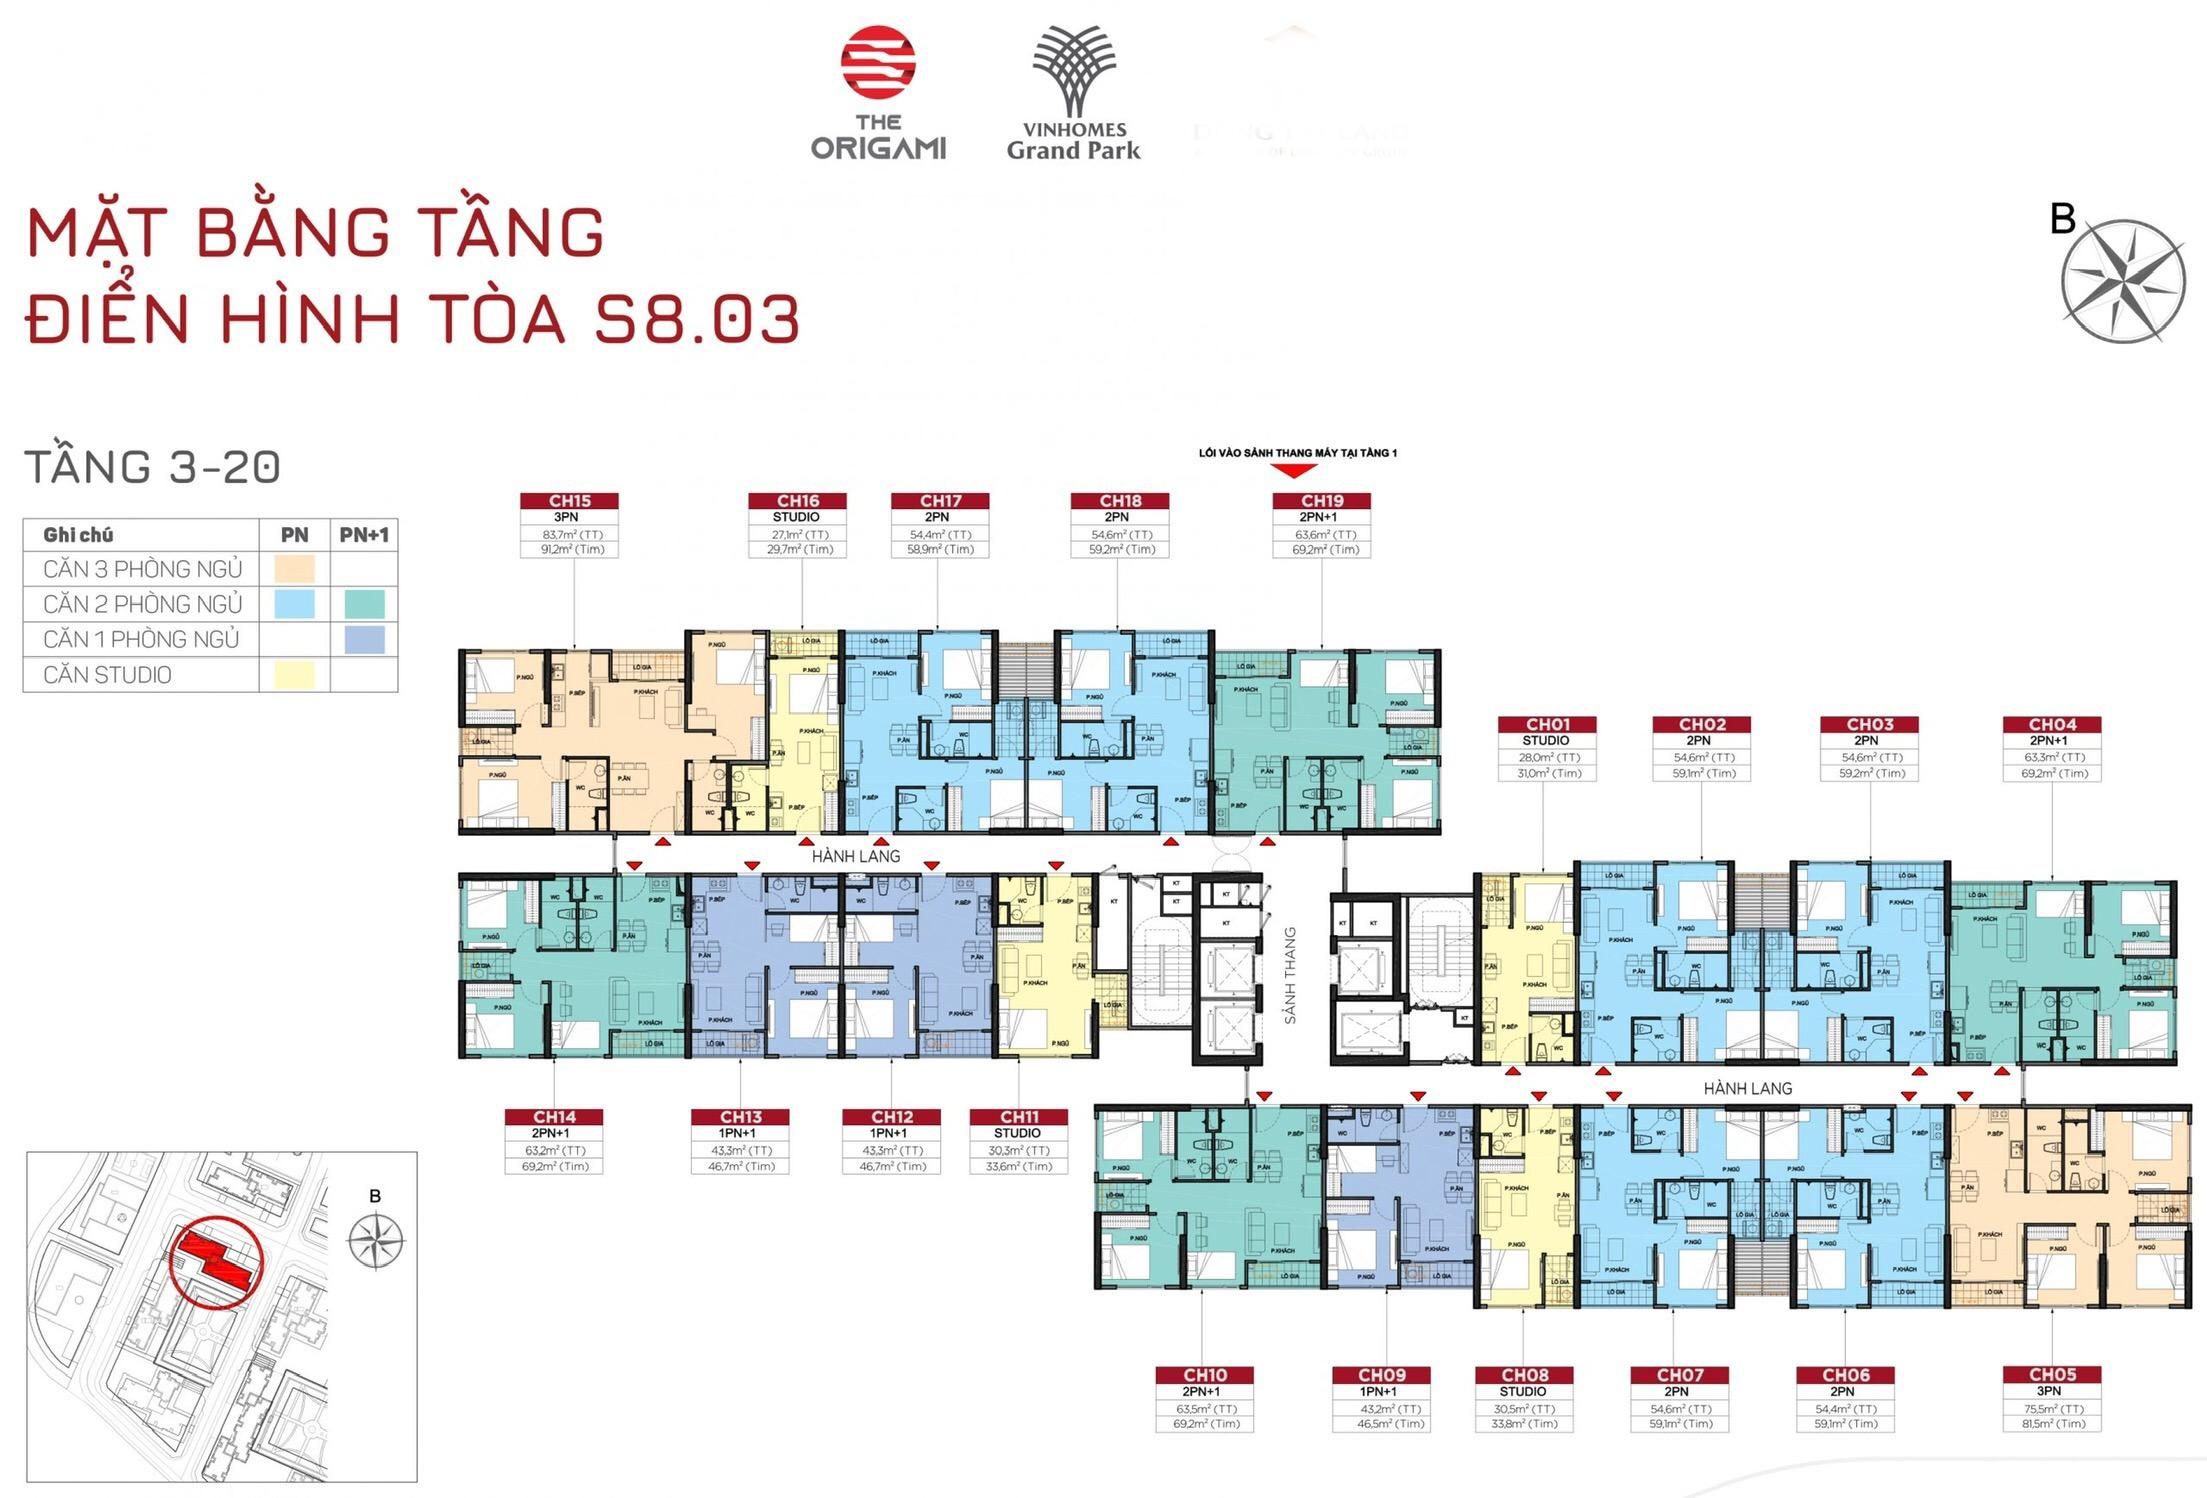 giá cho thuê căn hộ Toà S8.03 Vinhomes Grand Park 1